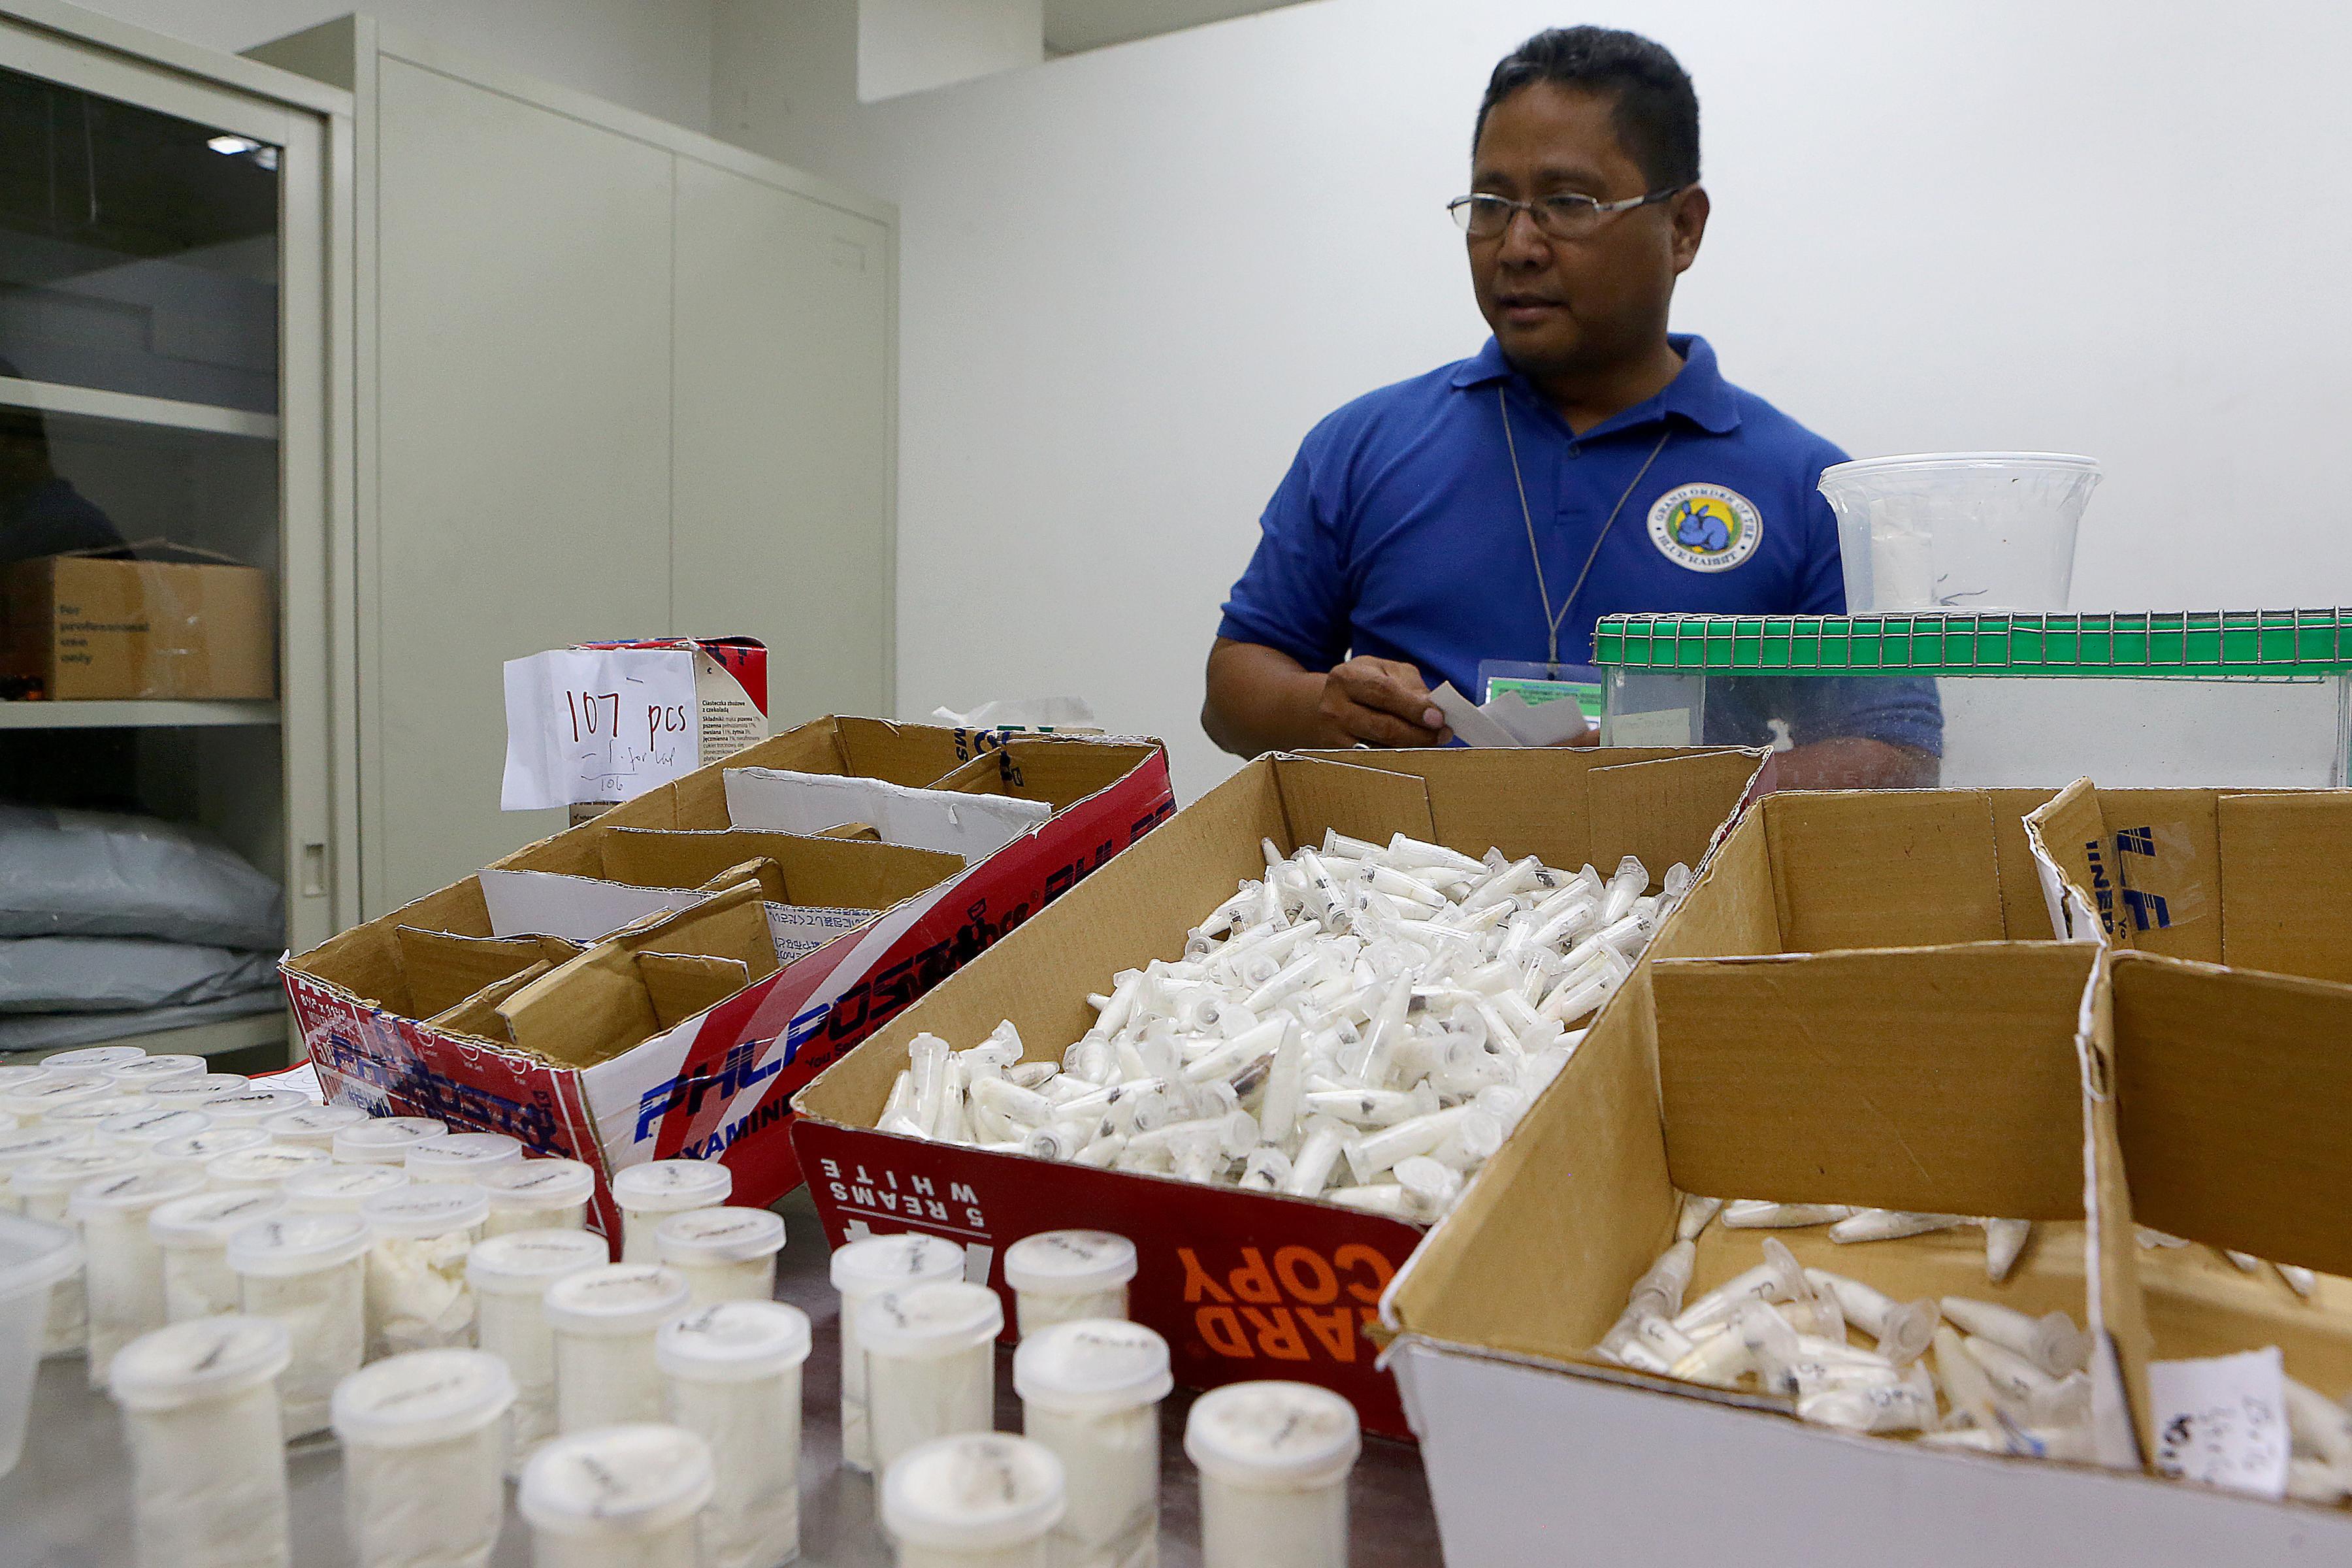 Descoperire impresionantă într-un colet trimis în Filipine, printre biscuiți, cereale și ceai